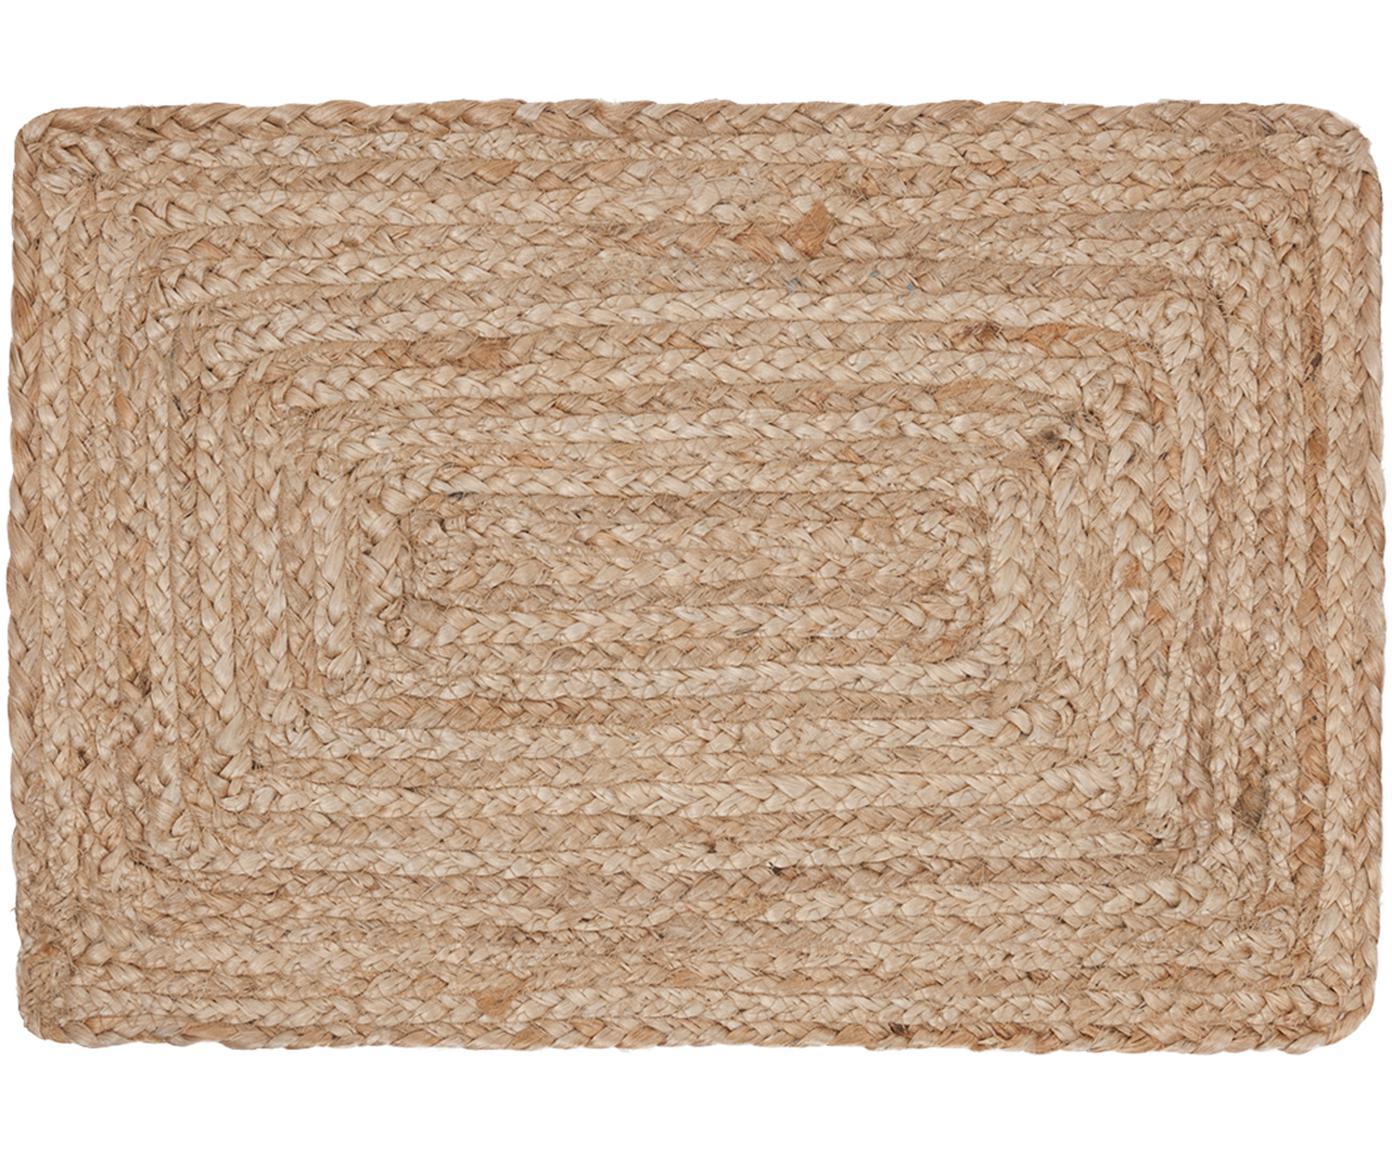 Jute Tischsets Ural, 2 Stück, Jute, Jute, 35 x 50 cm